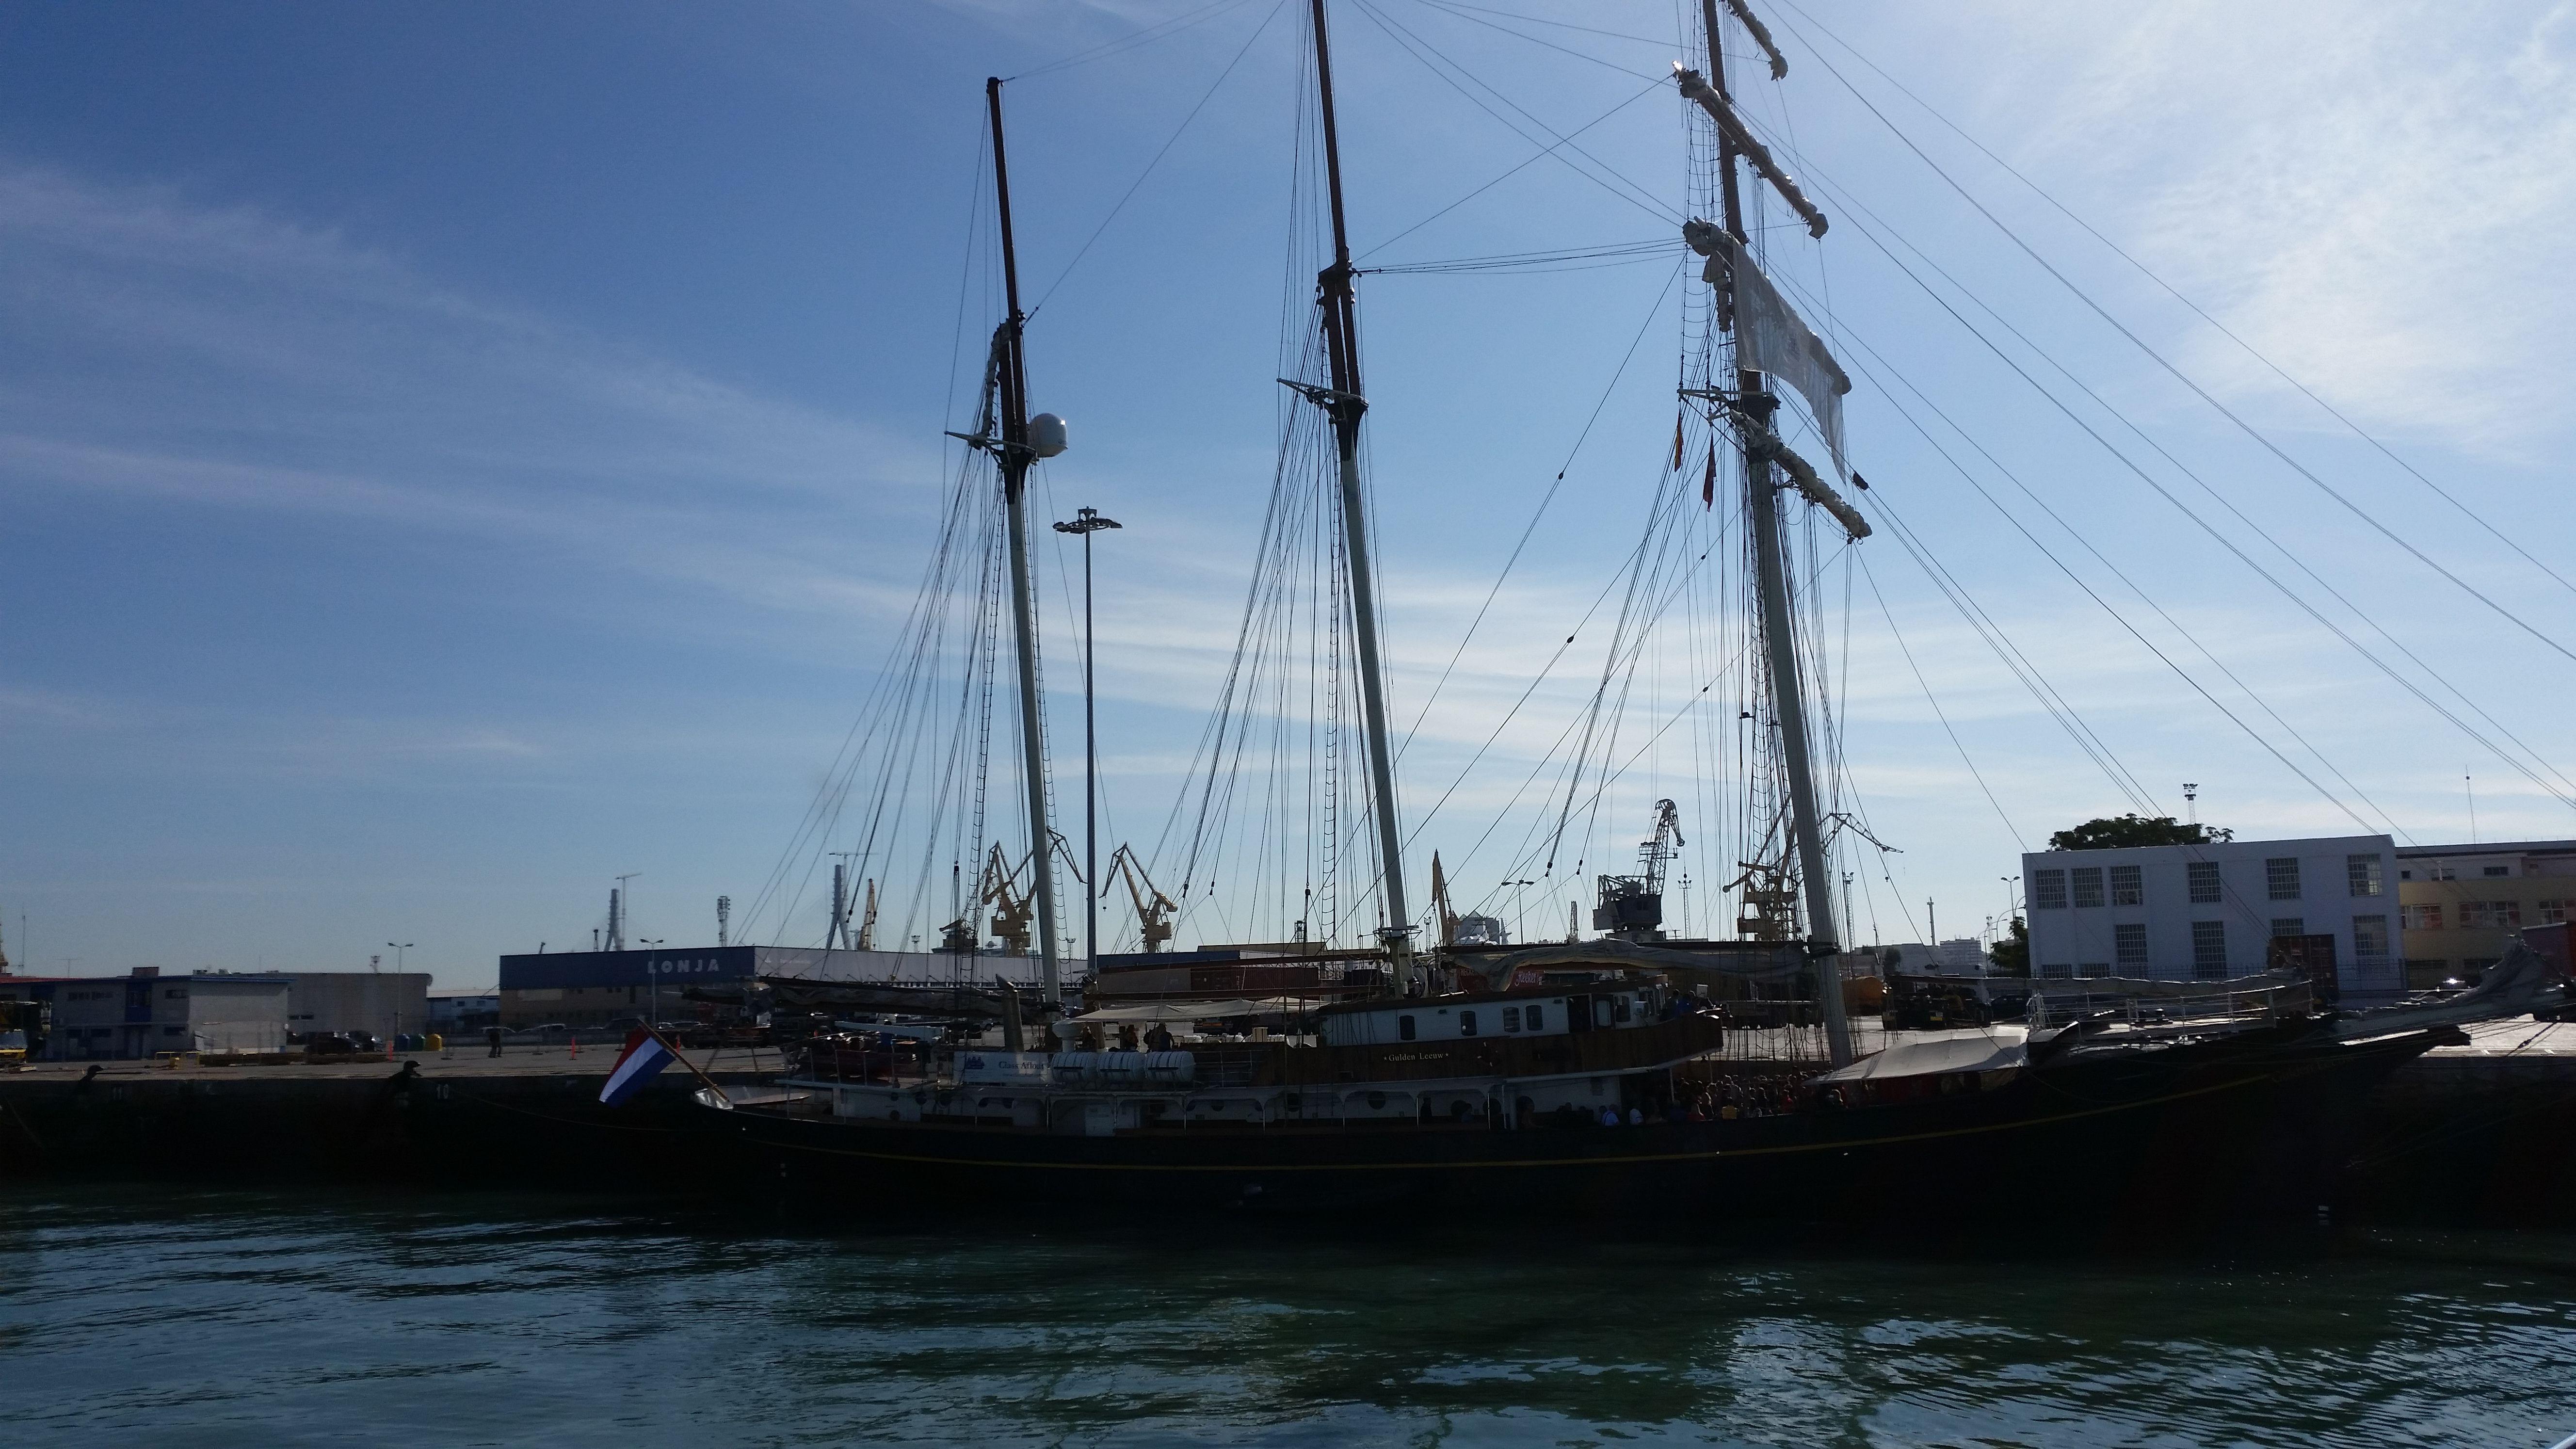 panorámica del buque de recreo en el puerto de Cádiz